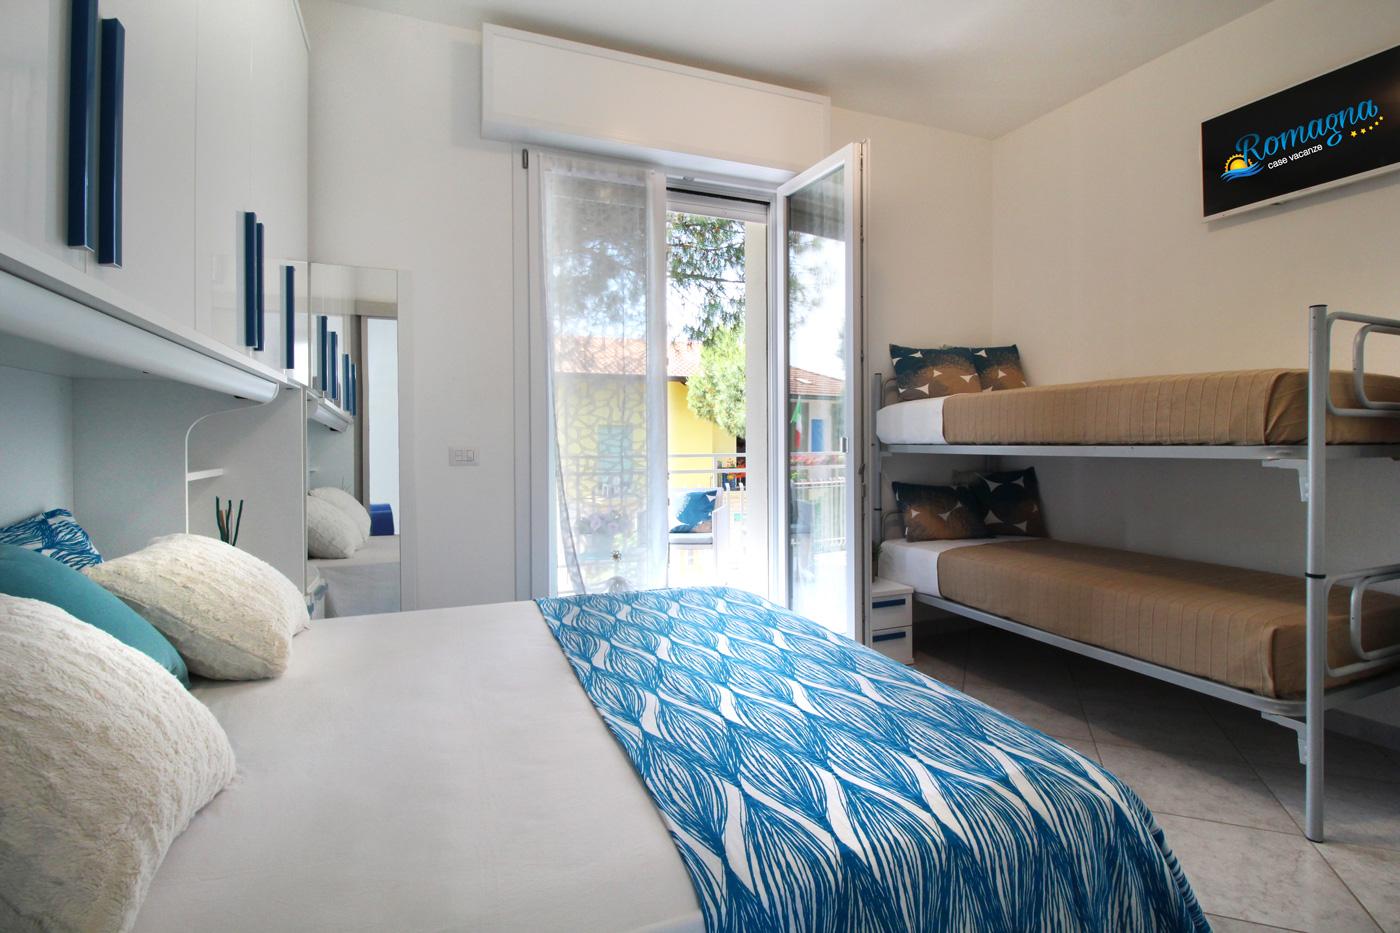 Appartamento sabrina romagna case vacanze-IMG_8754